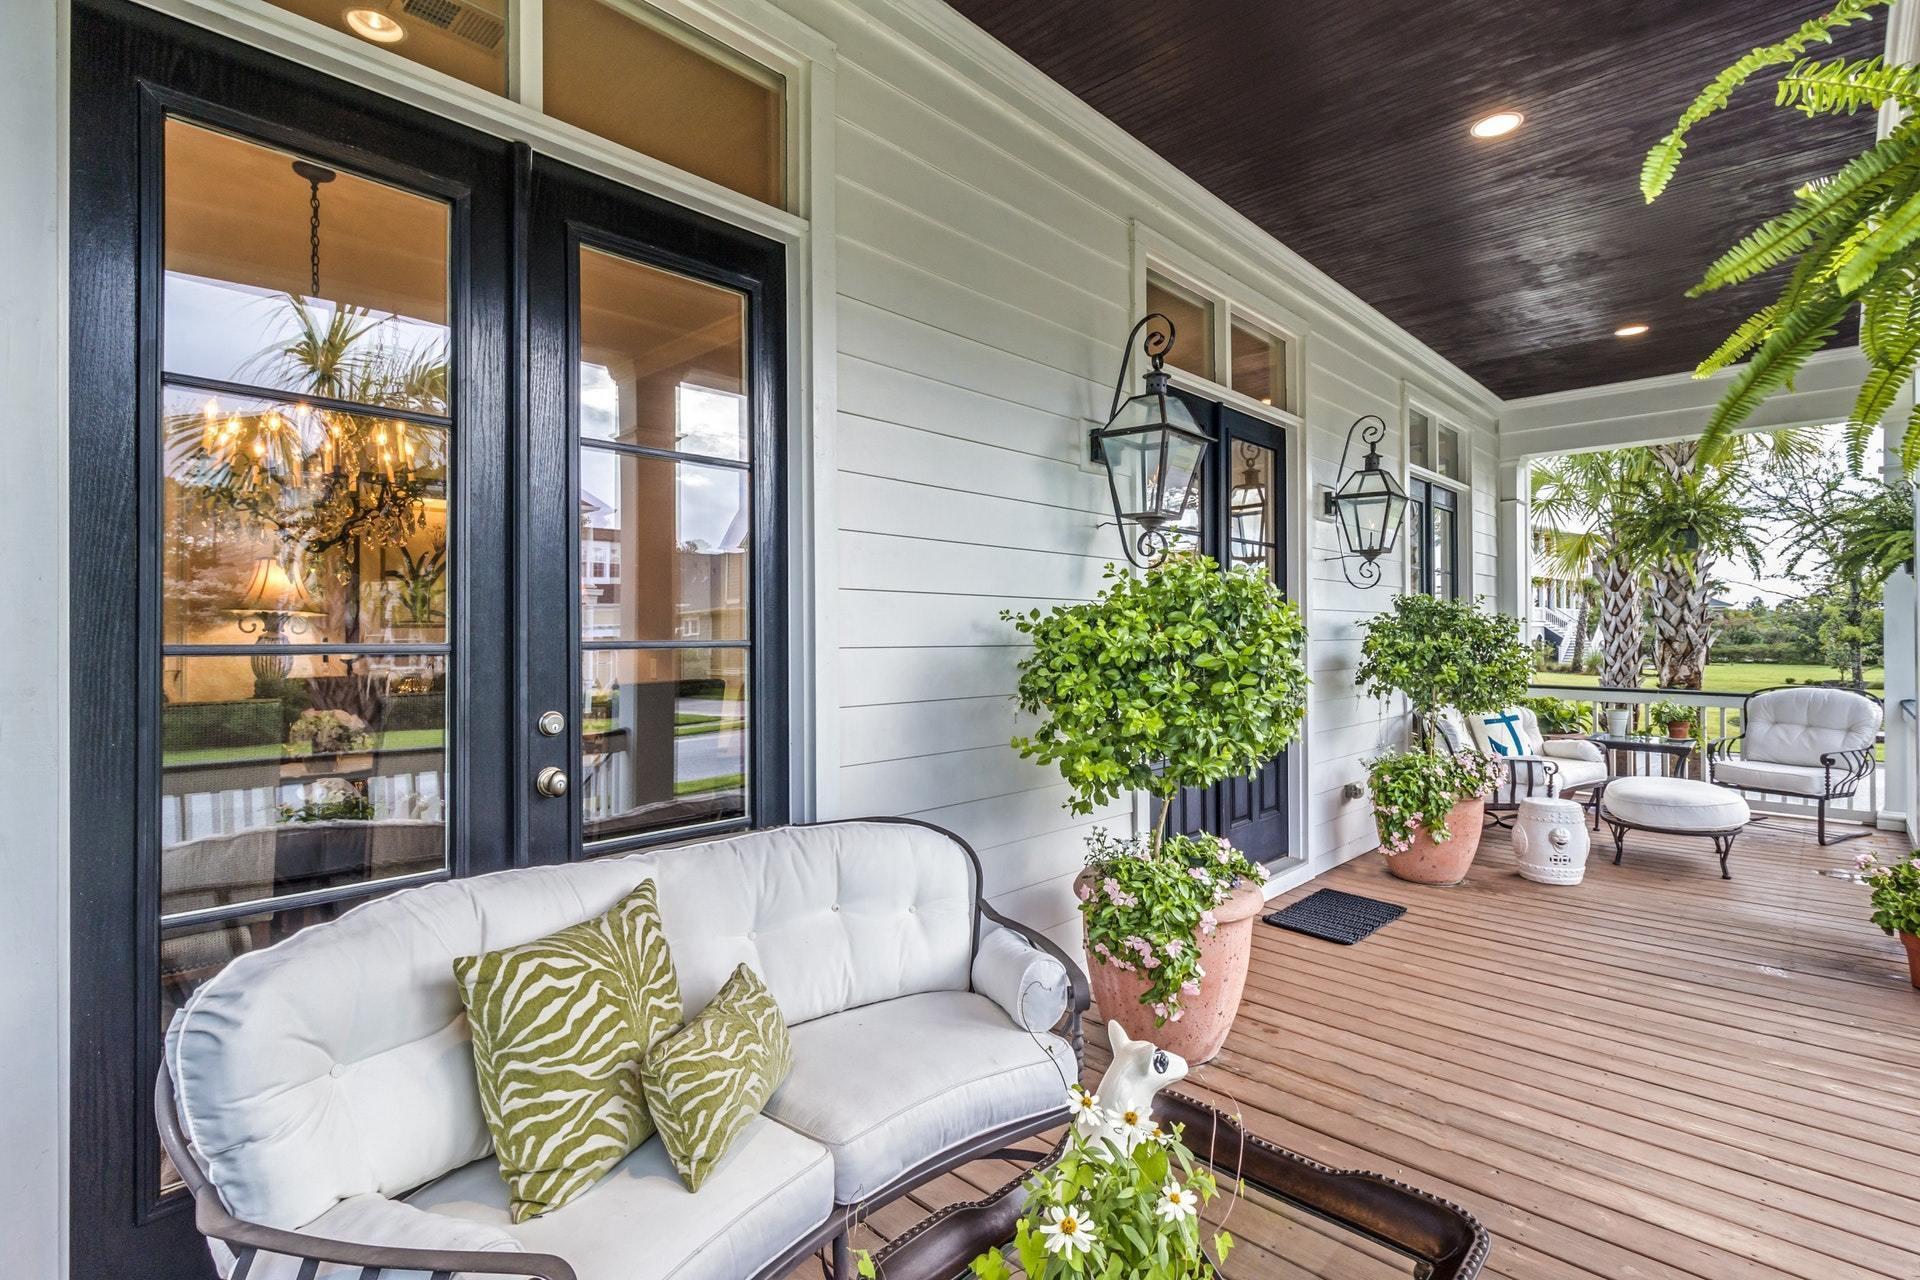 Dunes West Homes For Sale - 2816 River Vista, Mount Pleasant, SC - 11